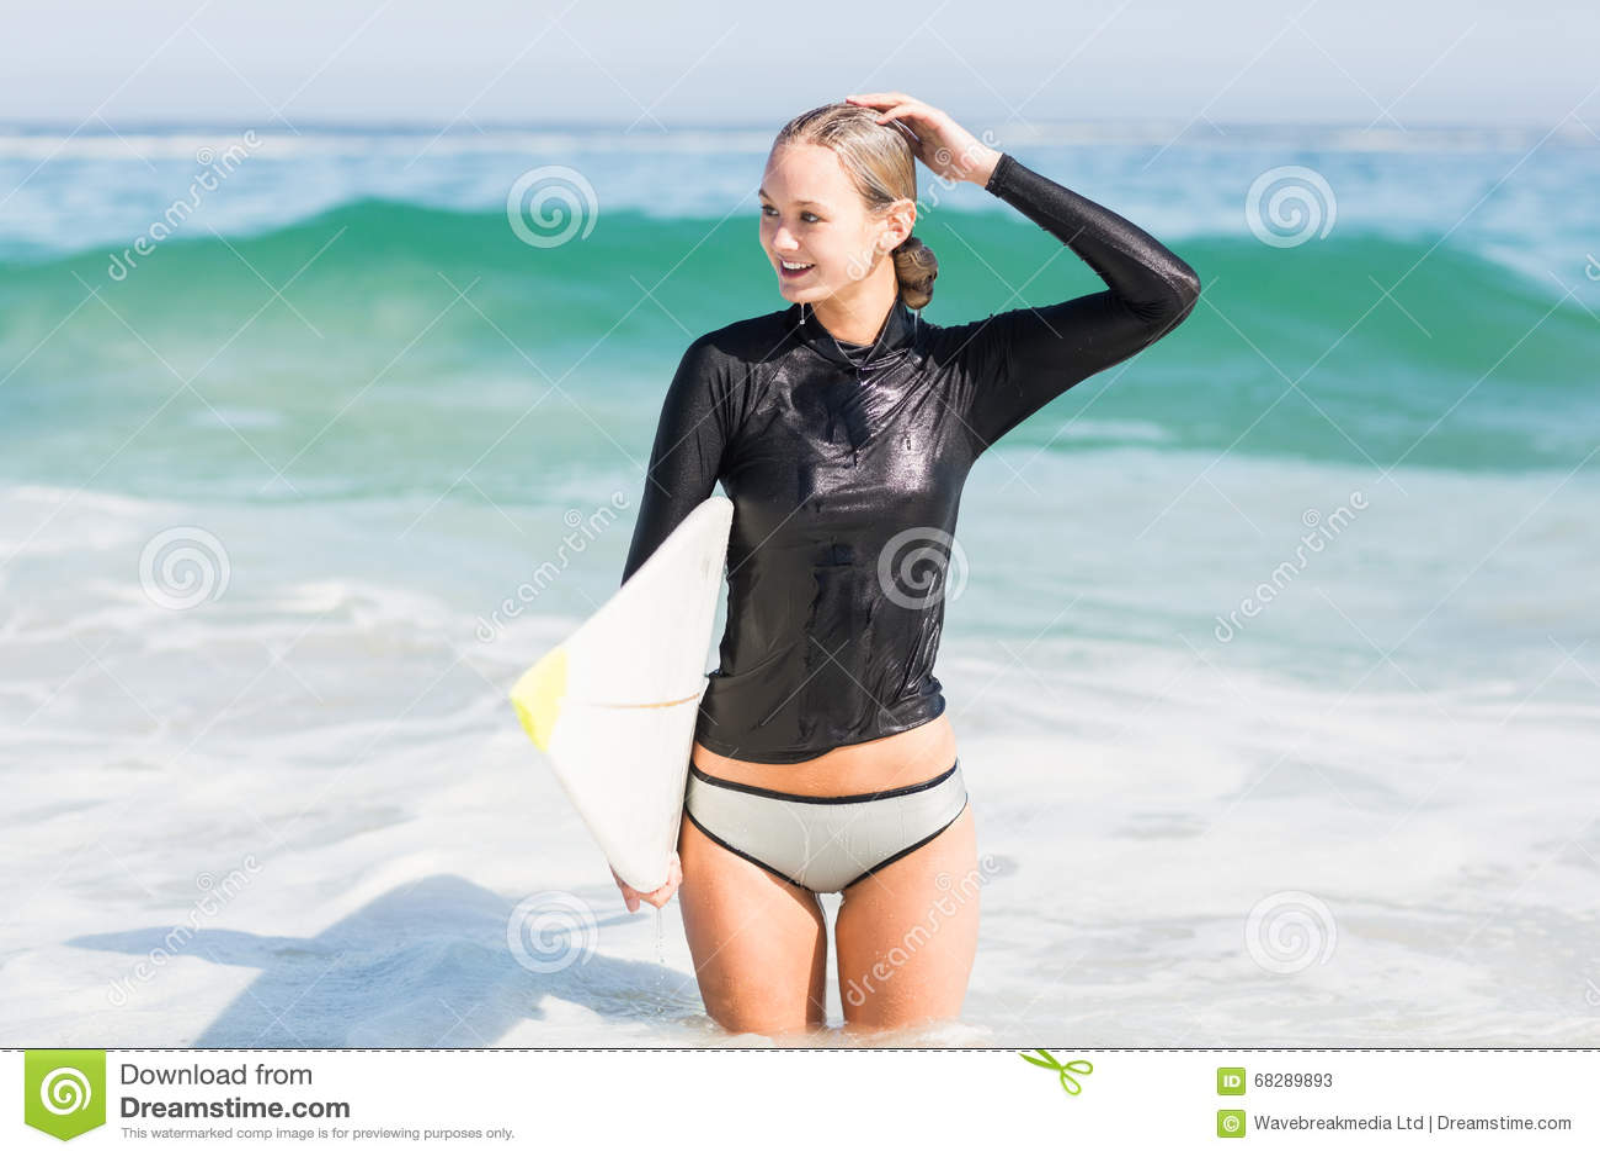 Женщины мокрой одежде картинки фото 743-211